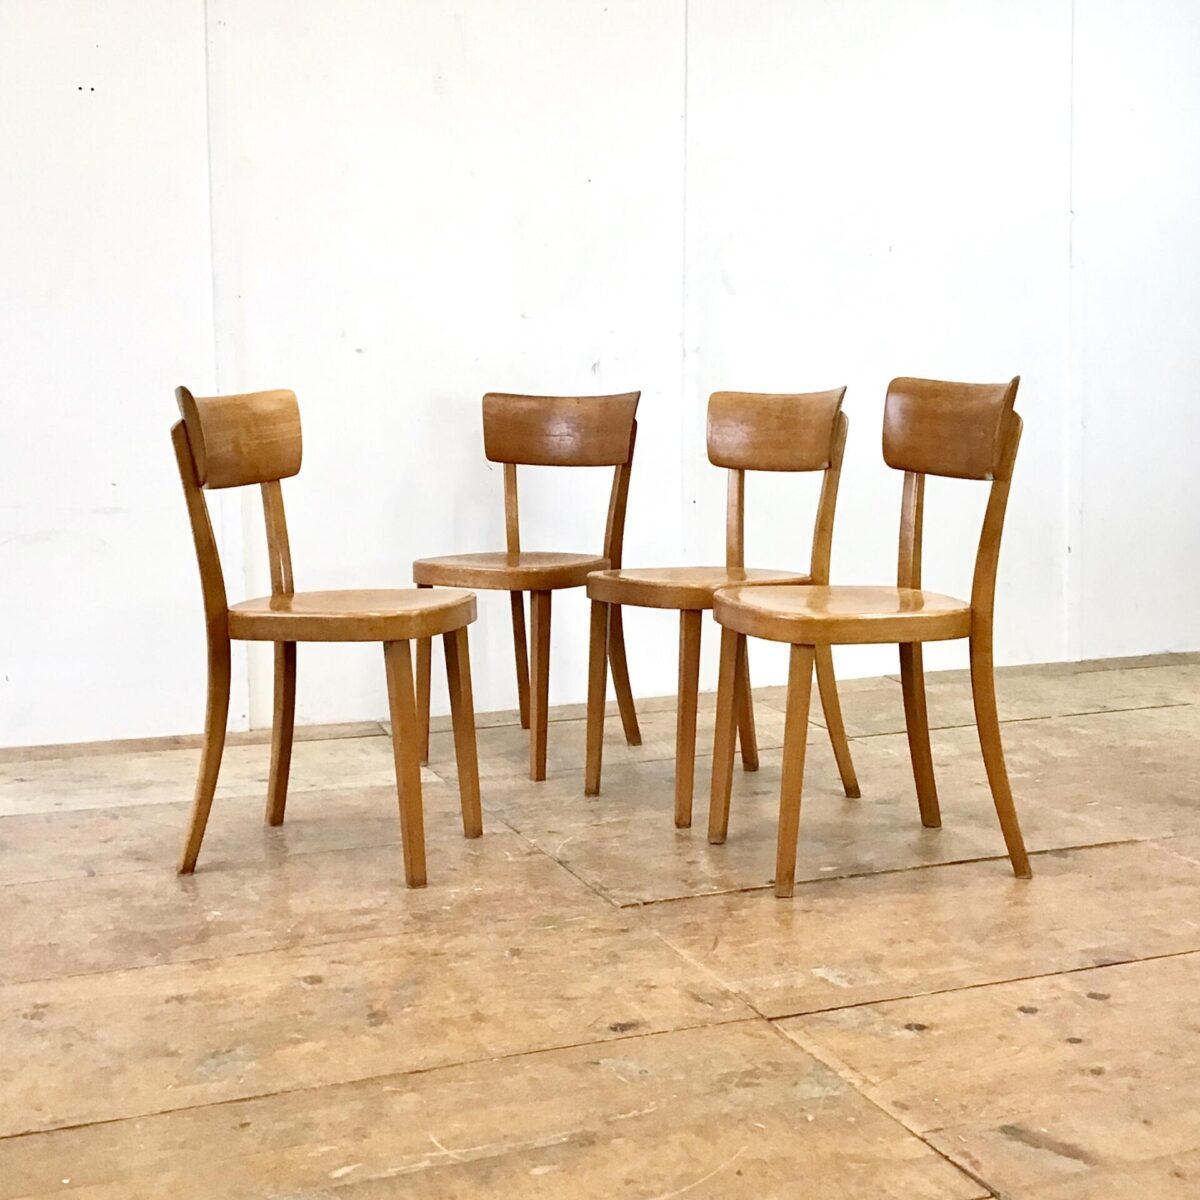 Deuxieme.shop Klassische bequeme Esszimmer Stühle. 30 horgenglarus Beizenstühle. Preis pro Stuhl. Die Stühle sind in gebrauchtem Zustand. Diverse Hicke Schrammen Lack abplatzer, technisch jedoch in stabilem Zustand.